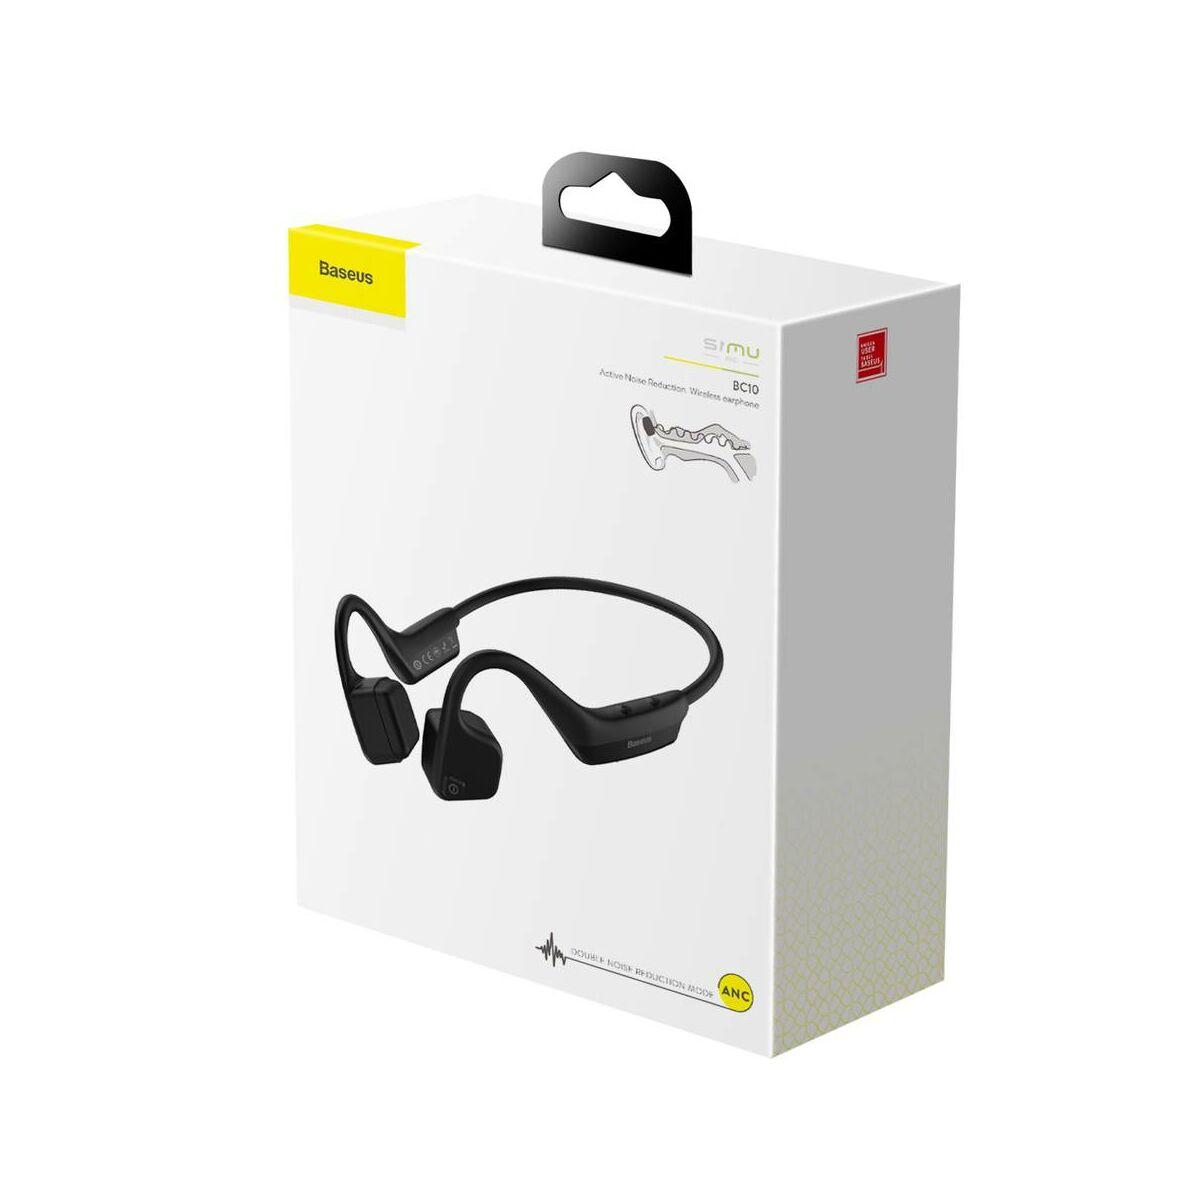 Baseus fülhallgató, Bluetooth Encok S17, fekete (NGBC10-01)